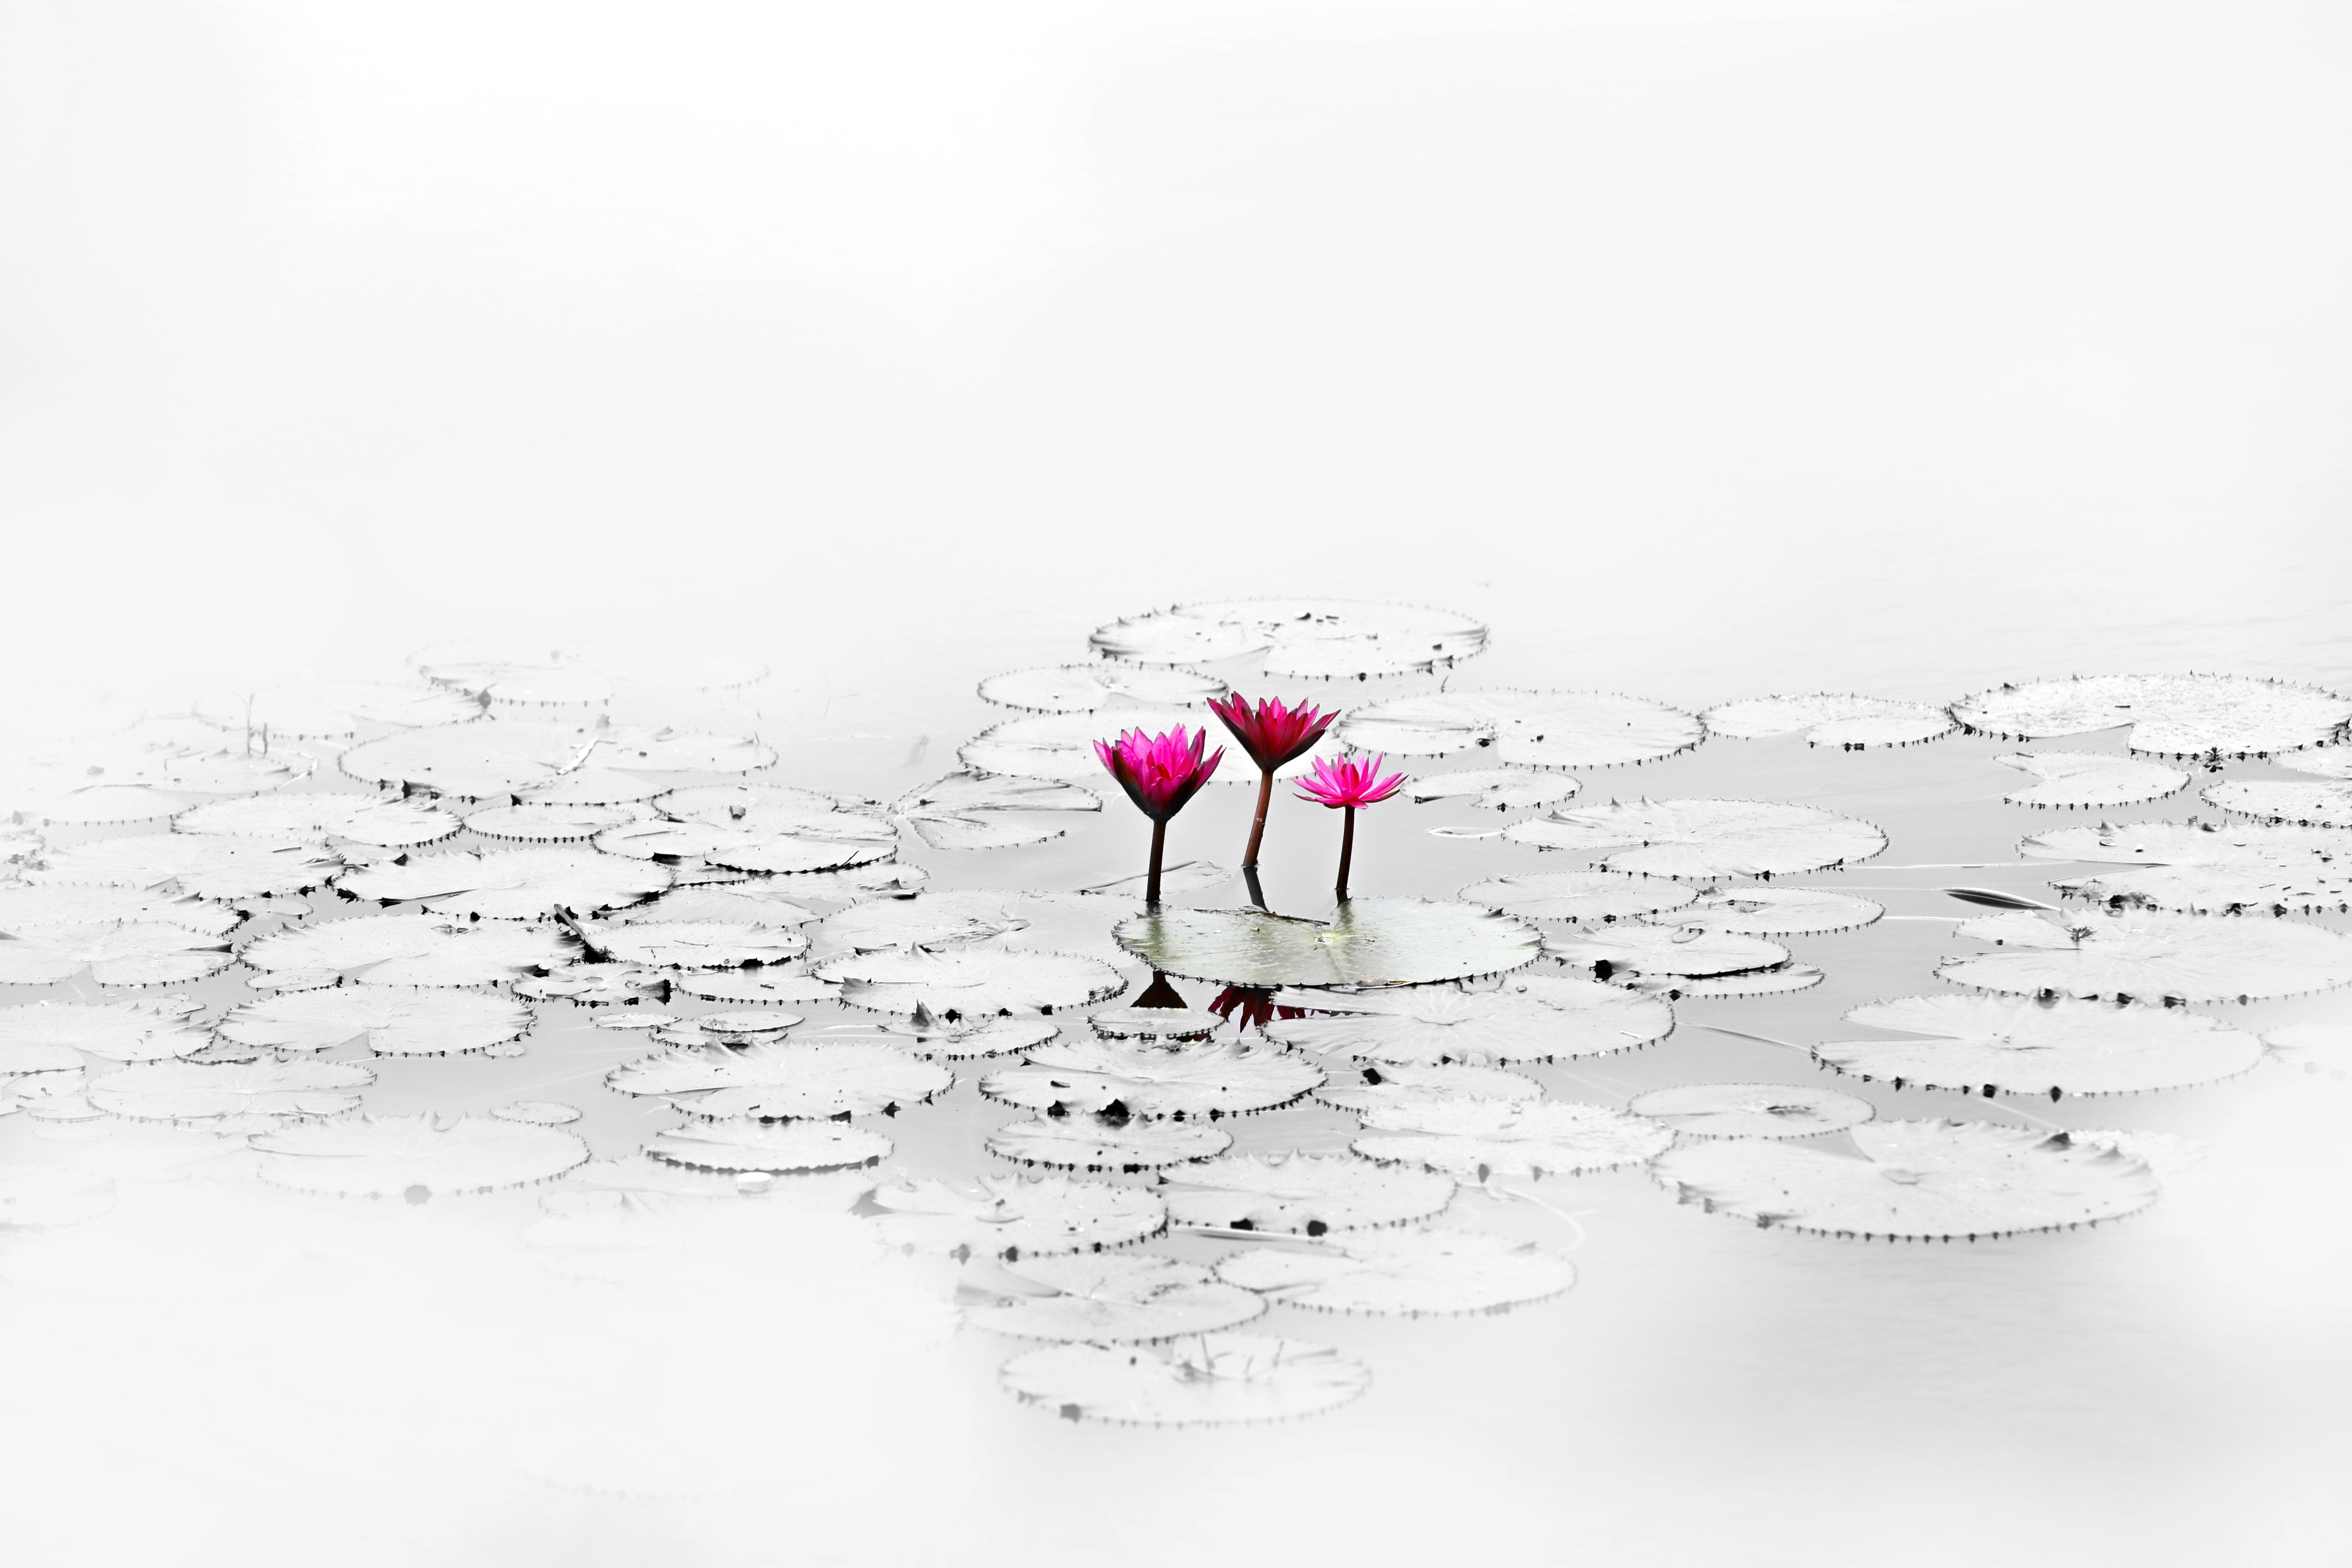 Gambar Hitam Dan Putih Bunga Kolam Sketsa Gambar Ilustrasi